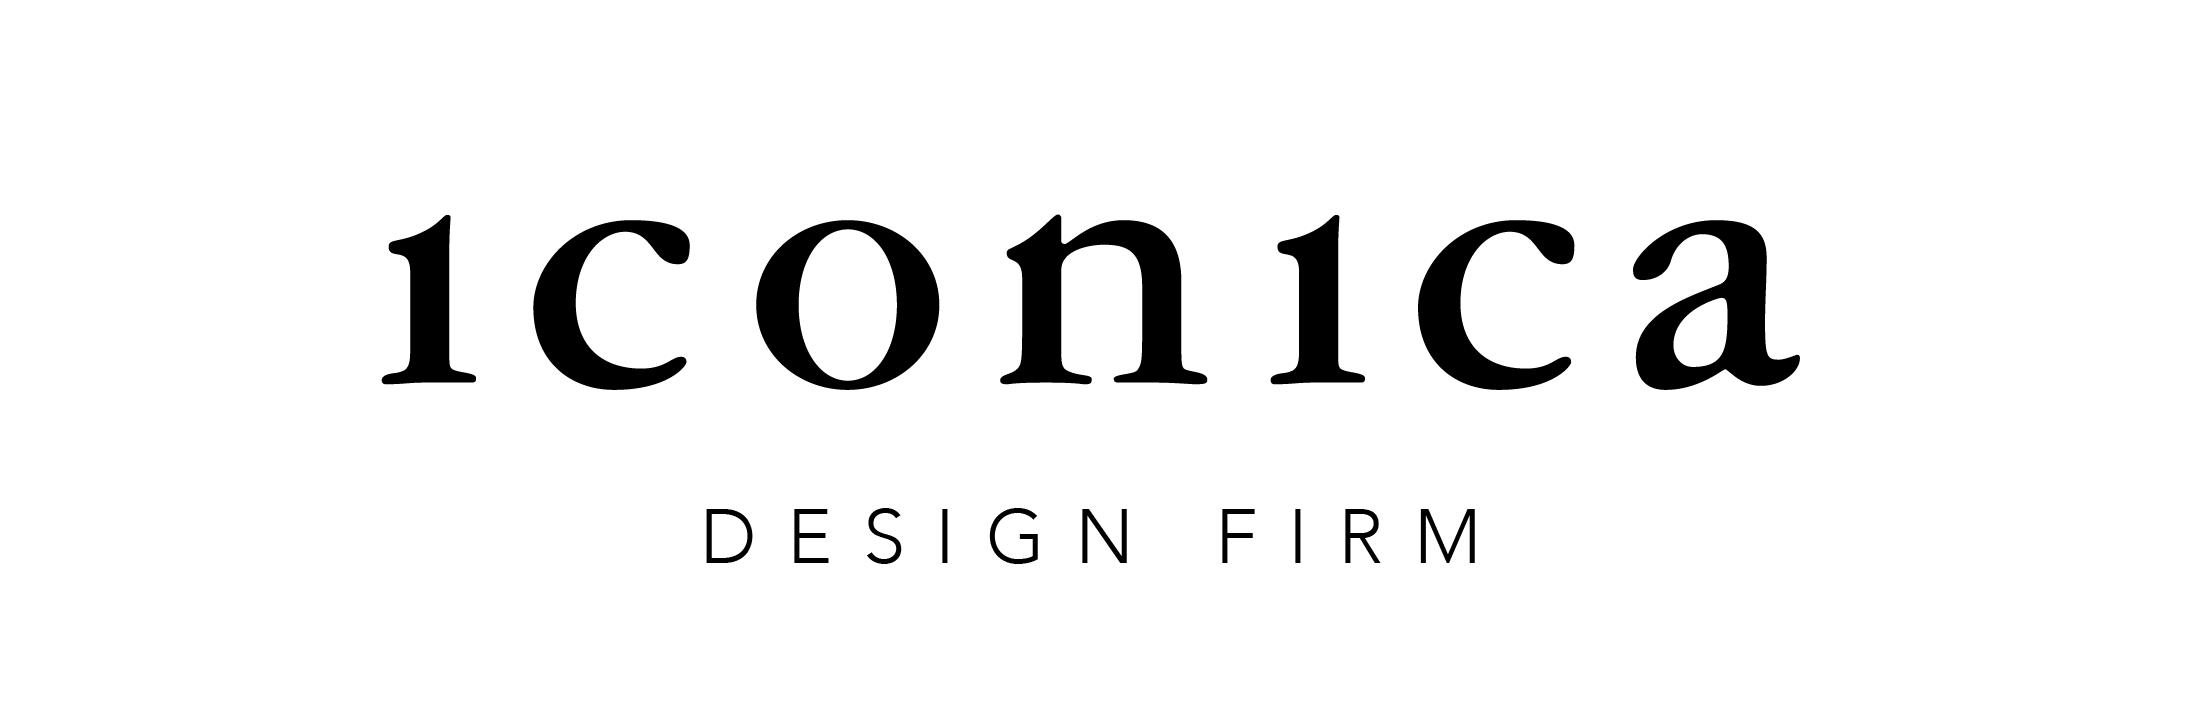 iconica / איקוניקה